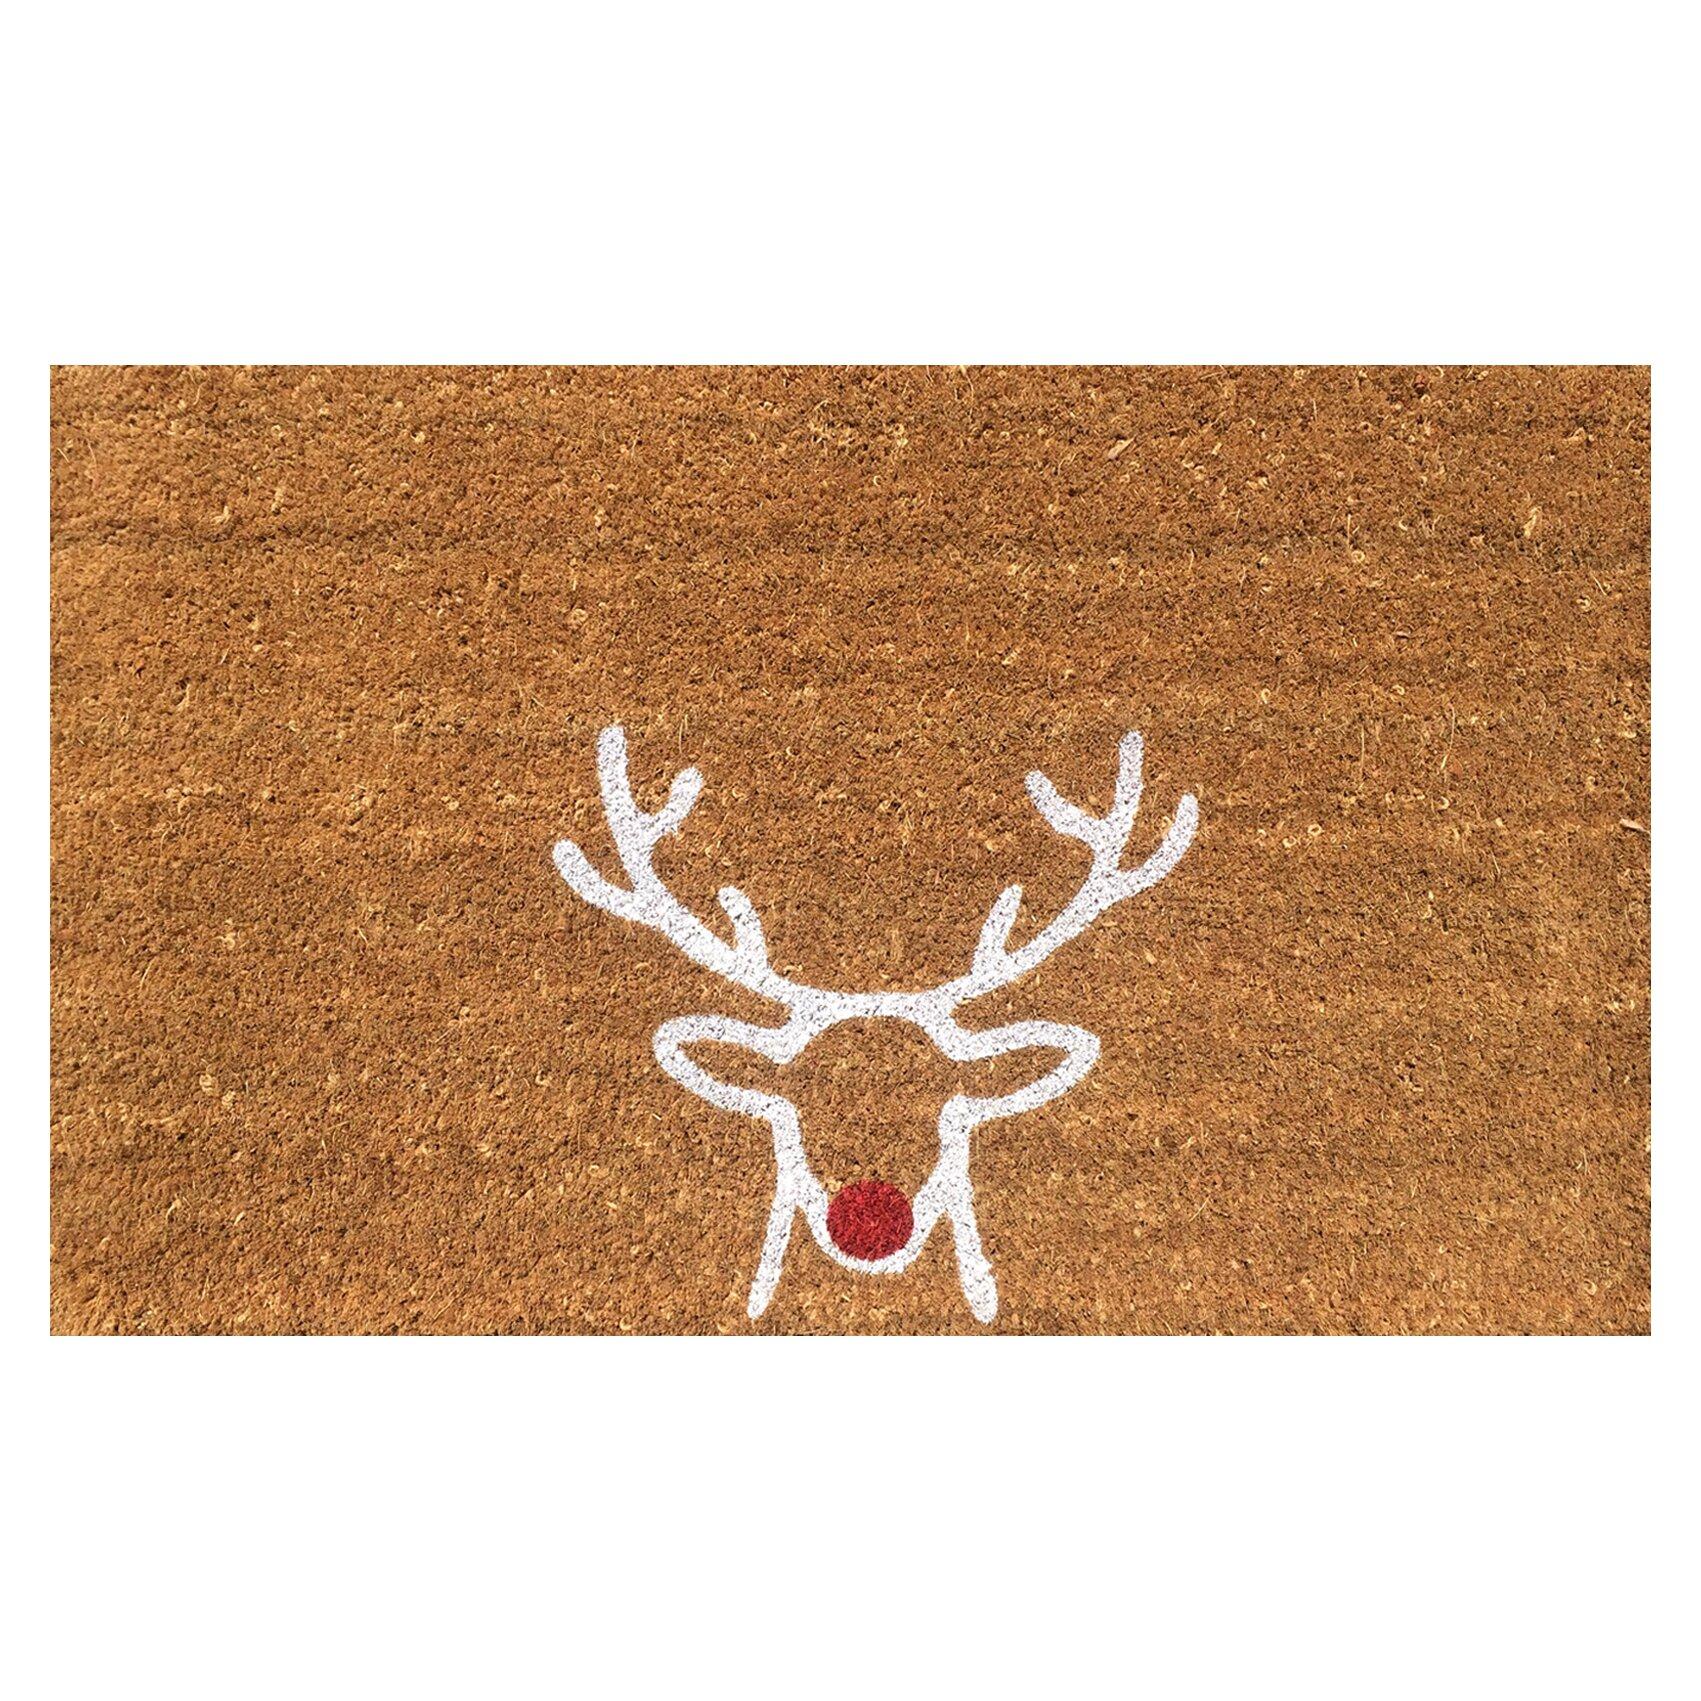 Viana Reindeer Christmas Coir Doormat u0026 Reviews : Wayfair.ca